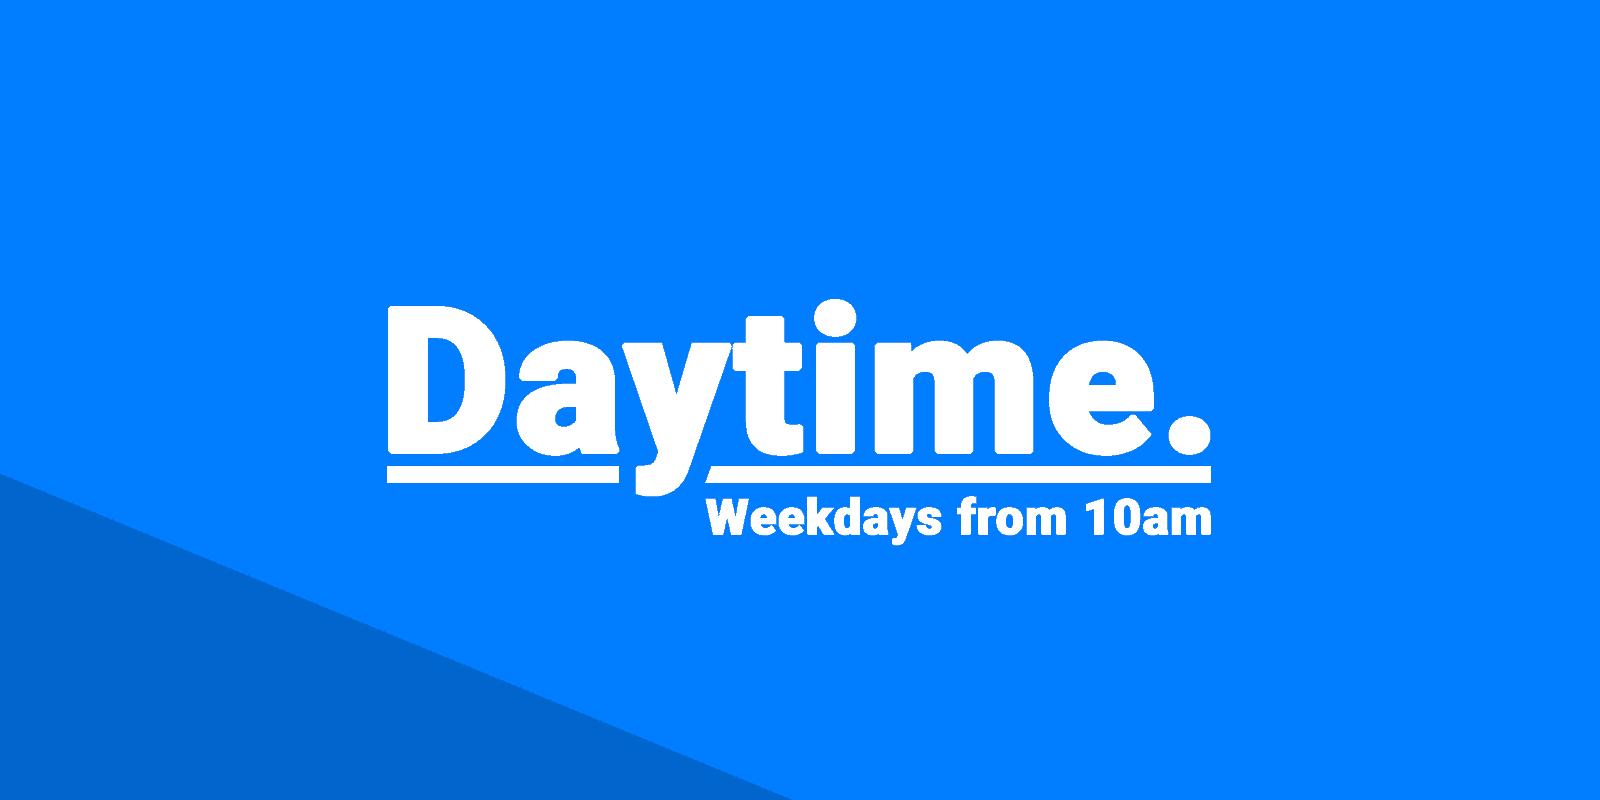 Daytime on Gateway 97.8